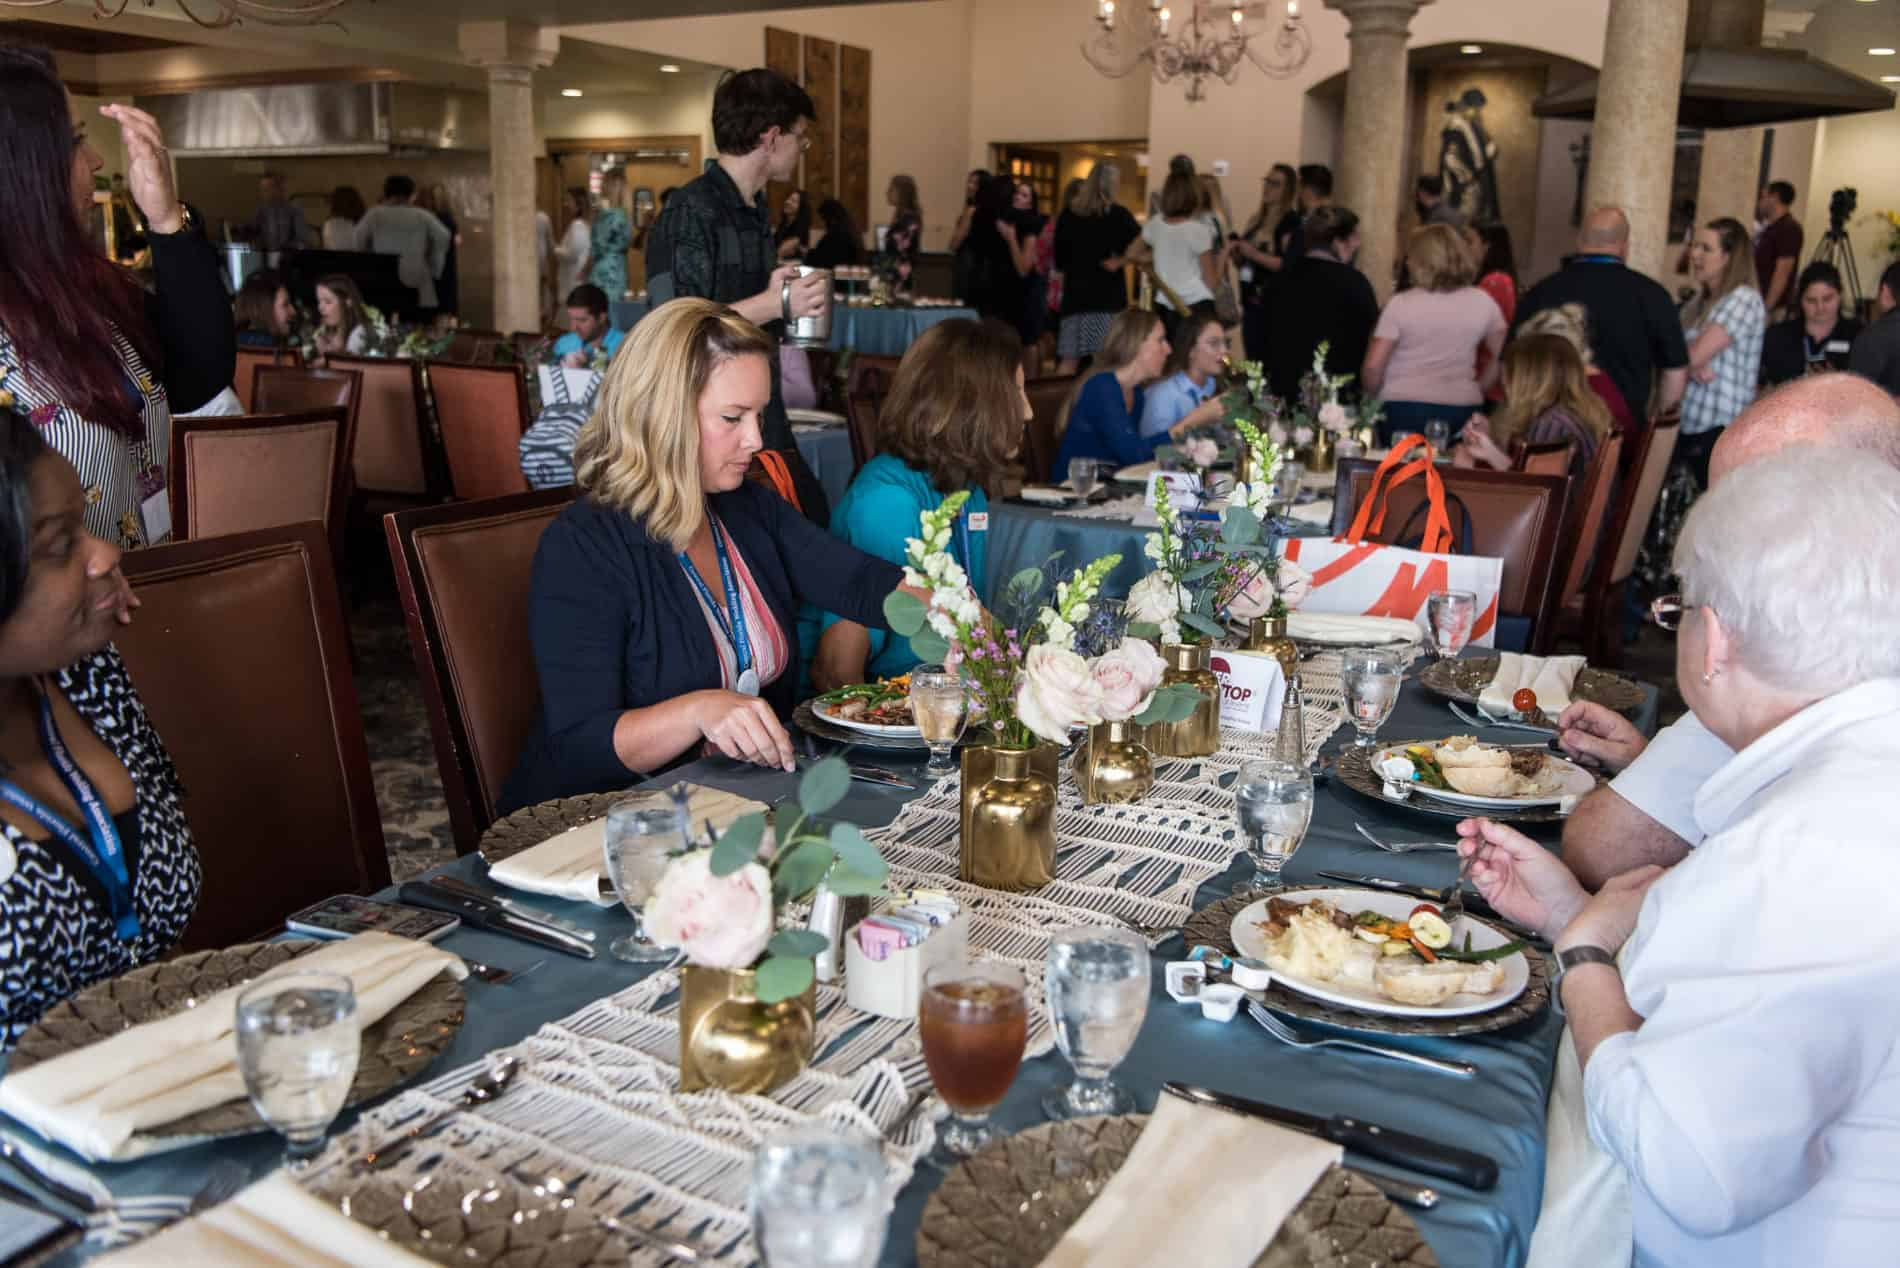 CFWA Summit Lunch Buffet was beautiful.